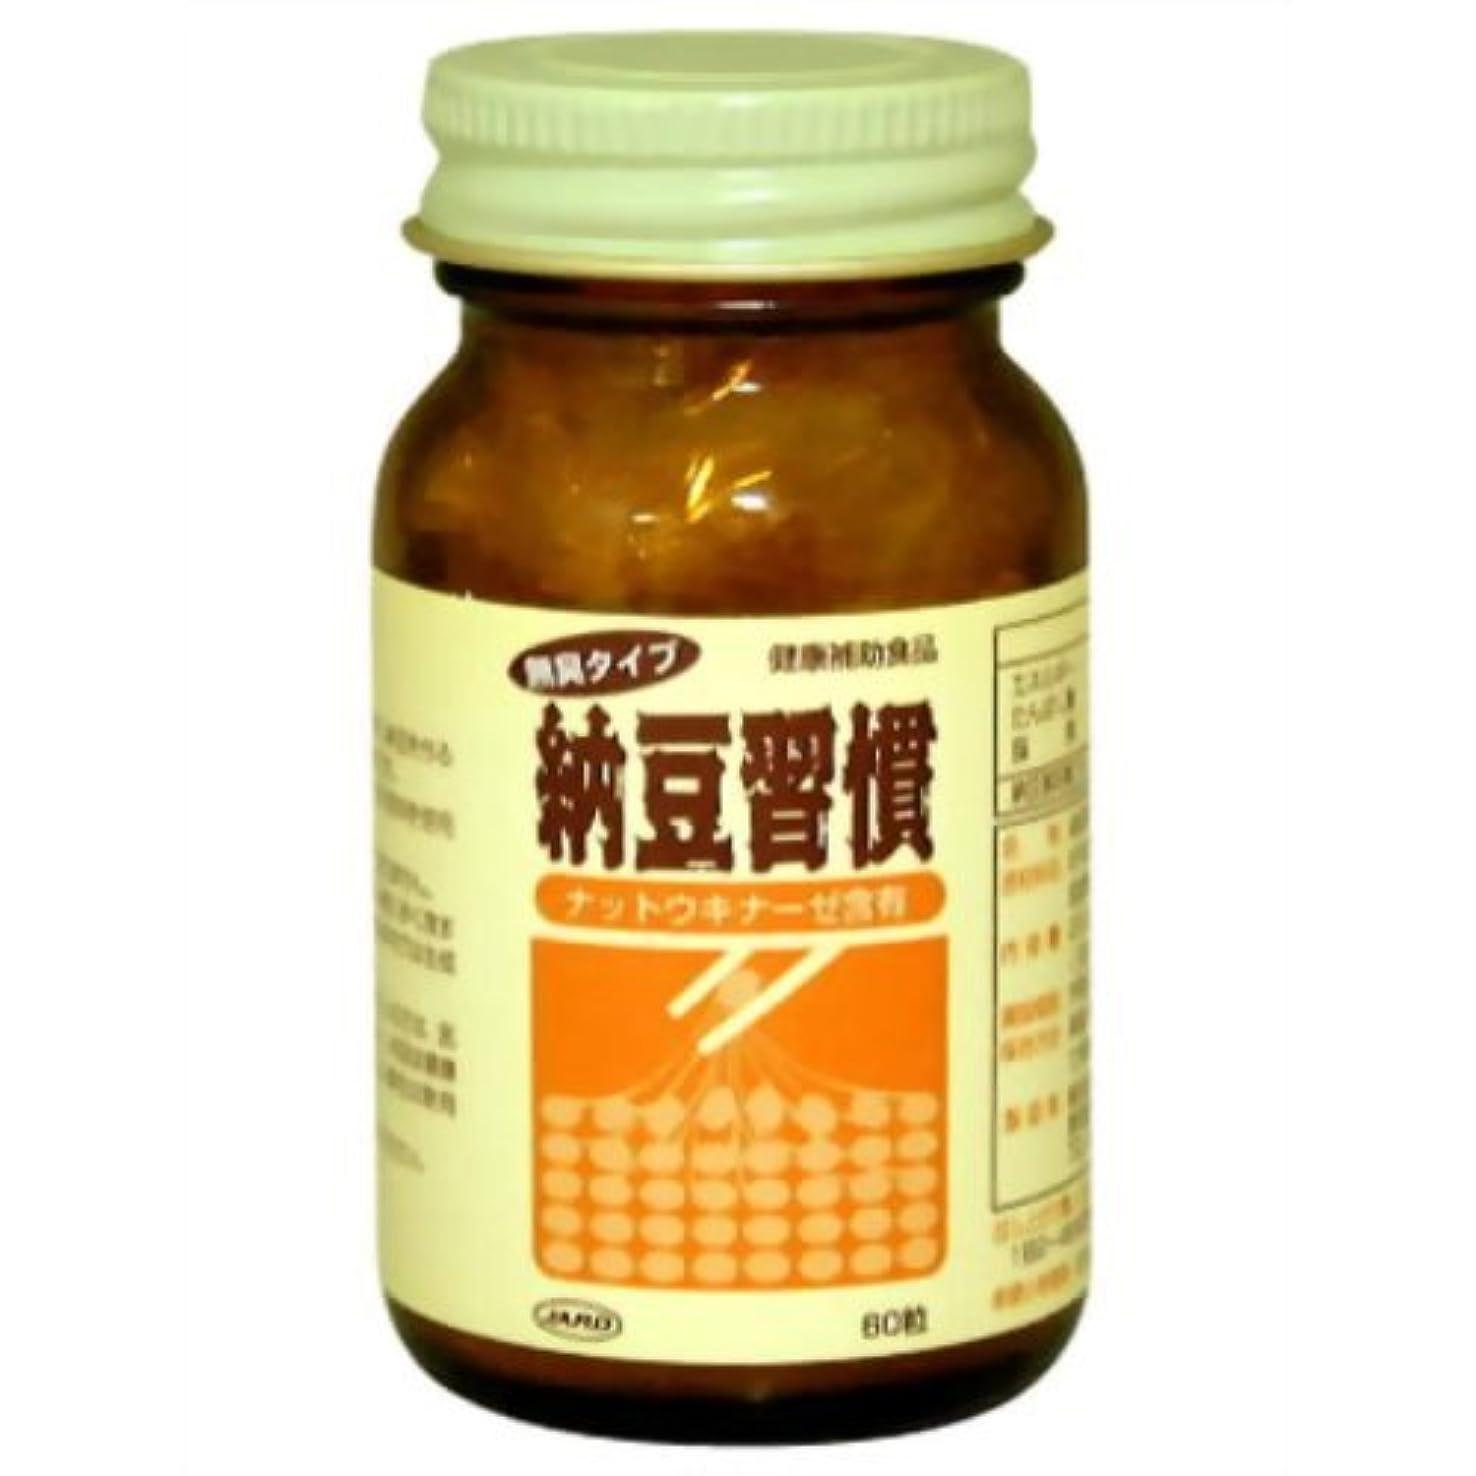 こねるシャット主張納豆習慣 ナットウキナーゼ含有